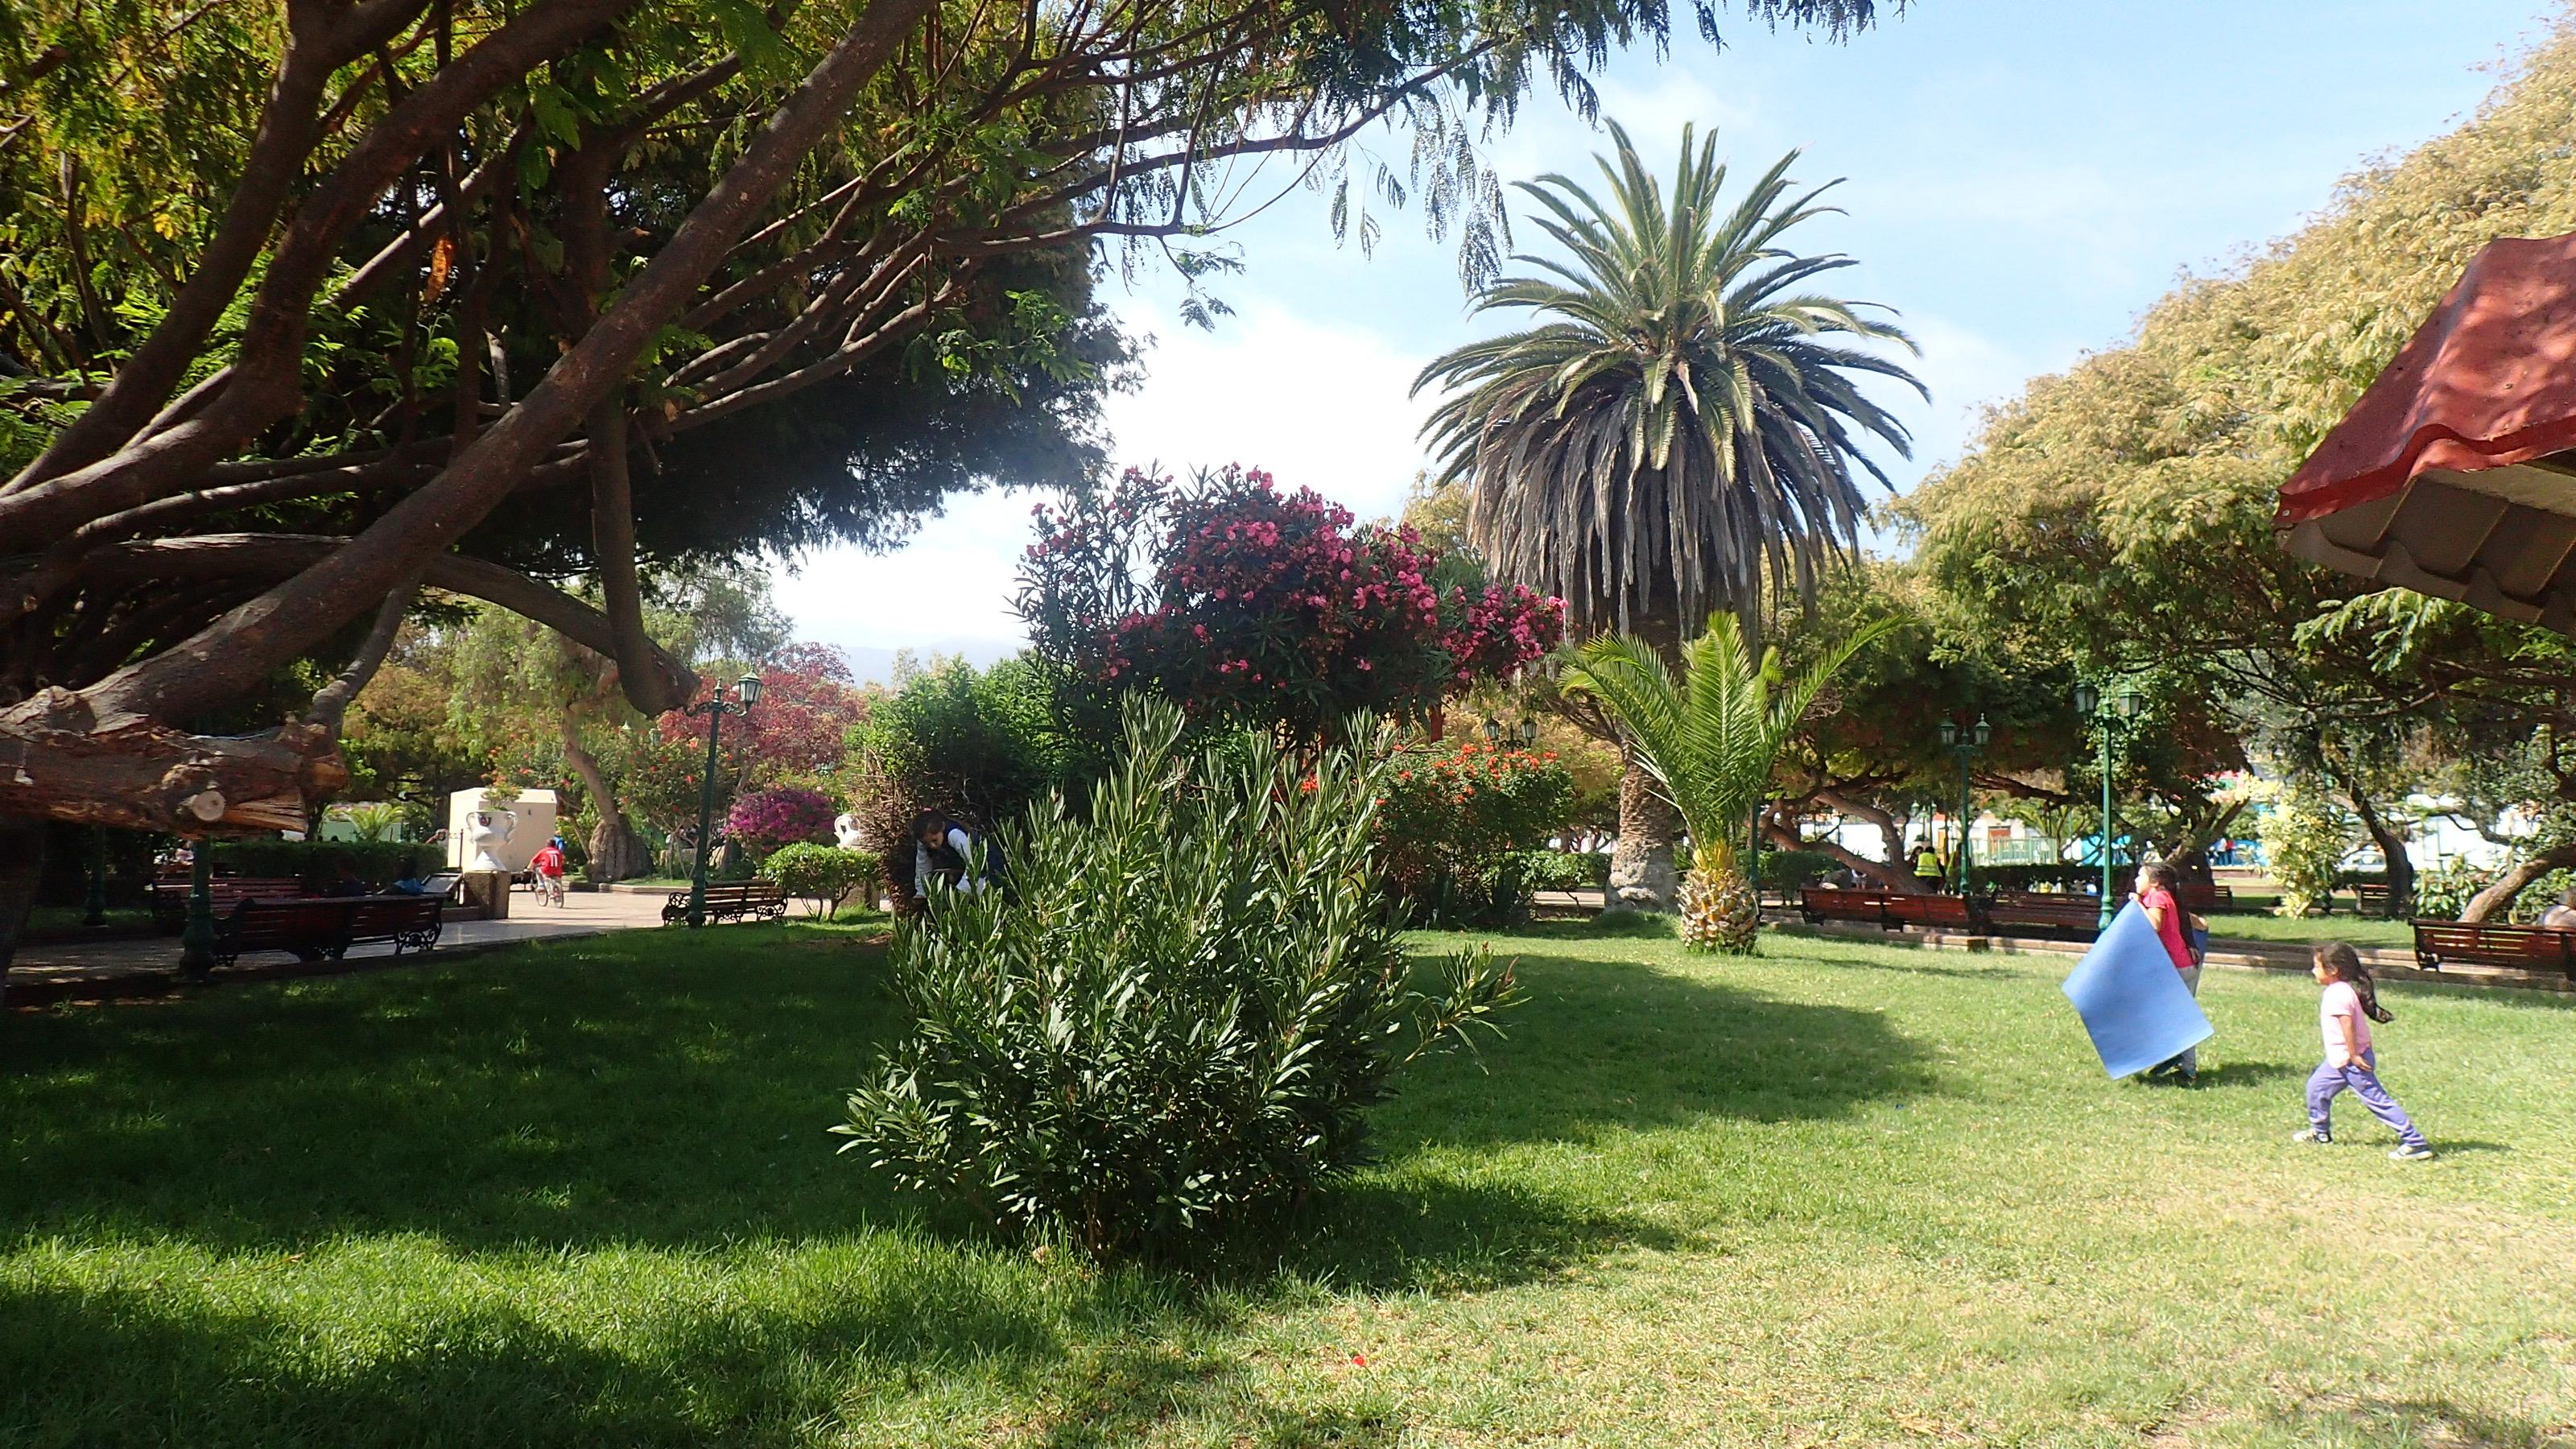 Le parc de Taltal. Enfin de la verdure